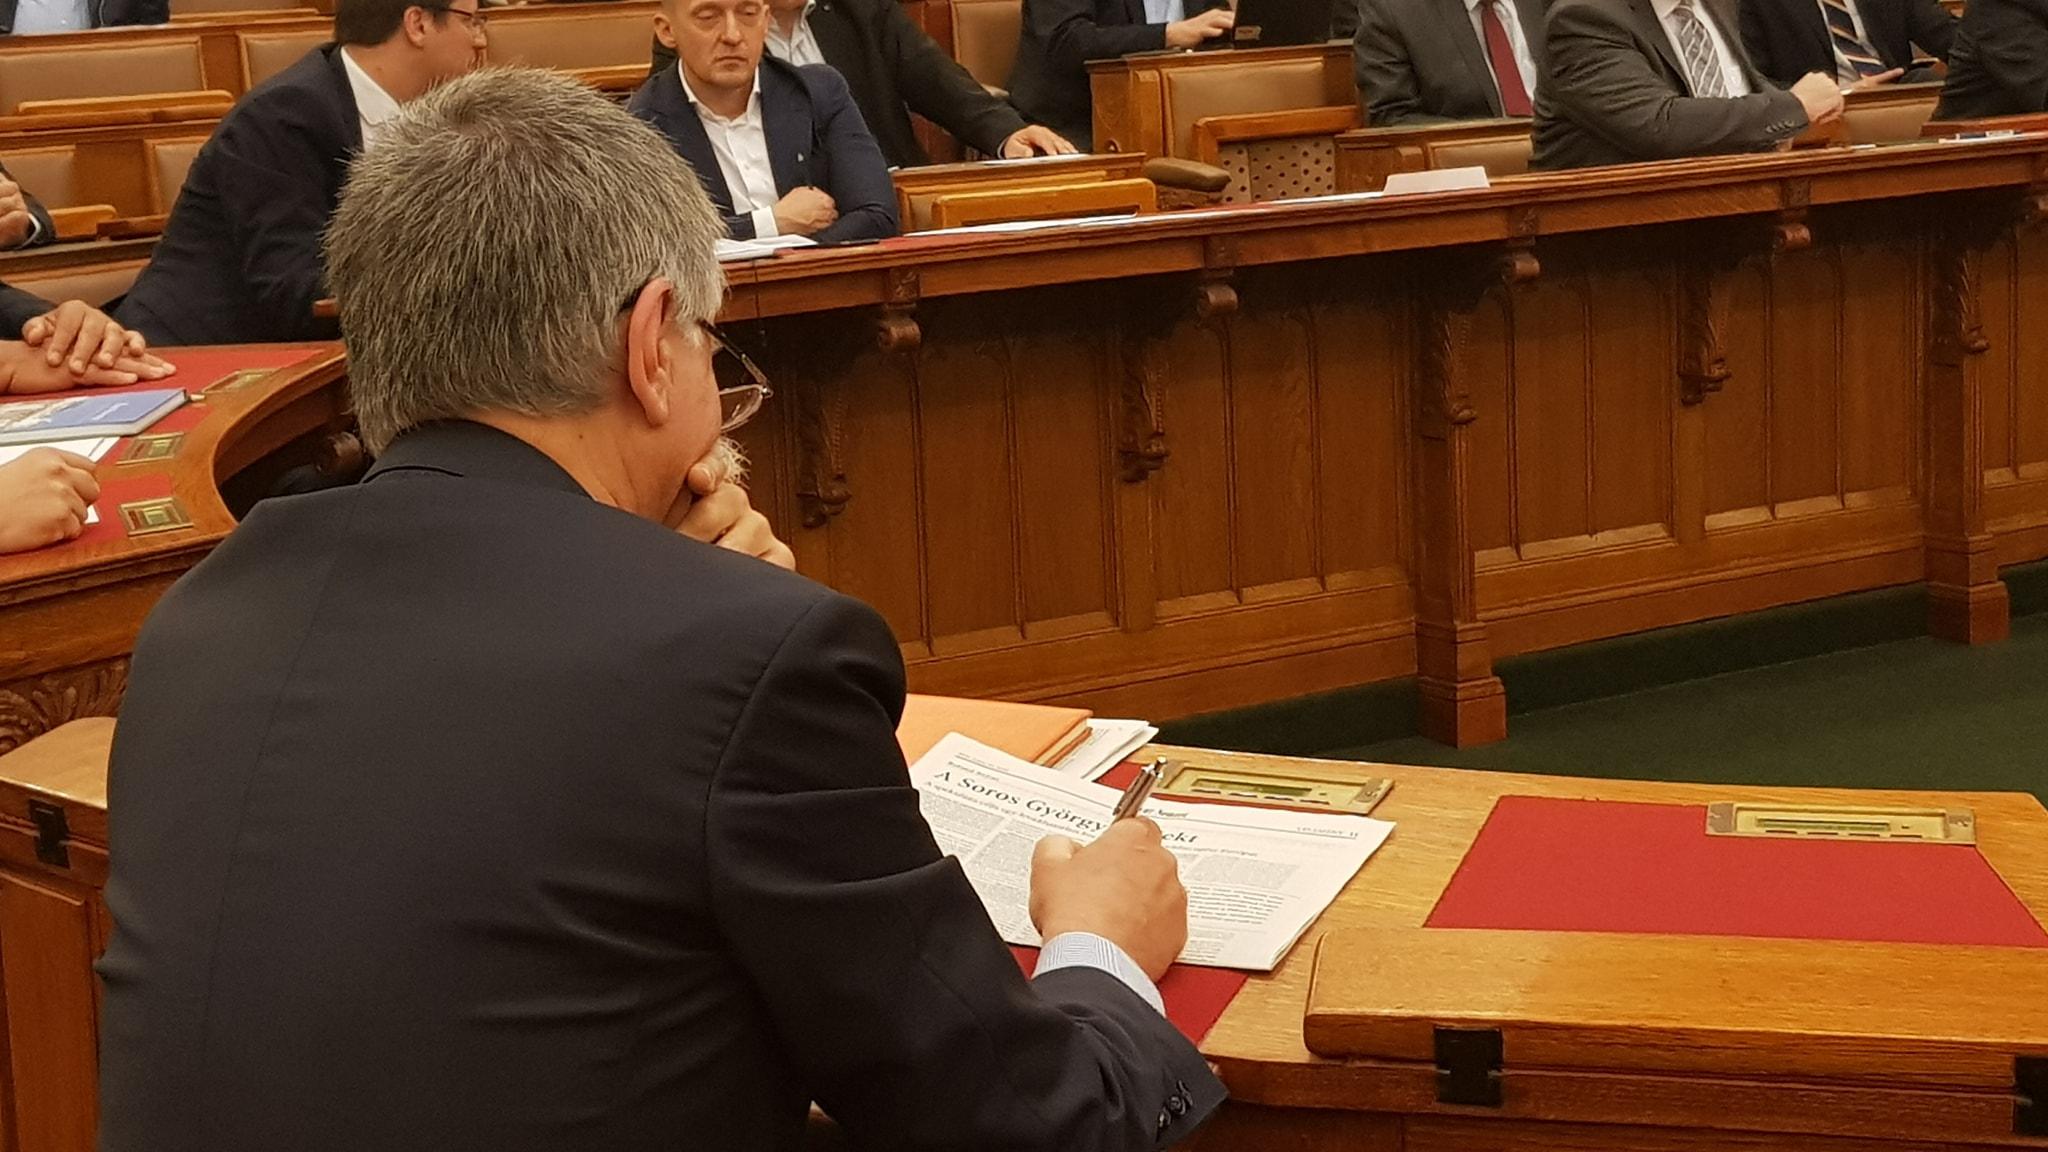 Kövér László ma Soros-konteók kijegyzetelésével ütötte agyon az időt a parlamentben